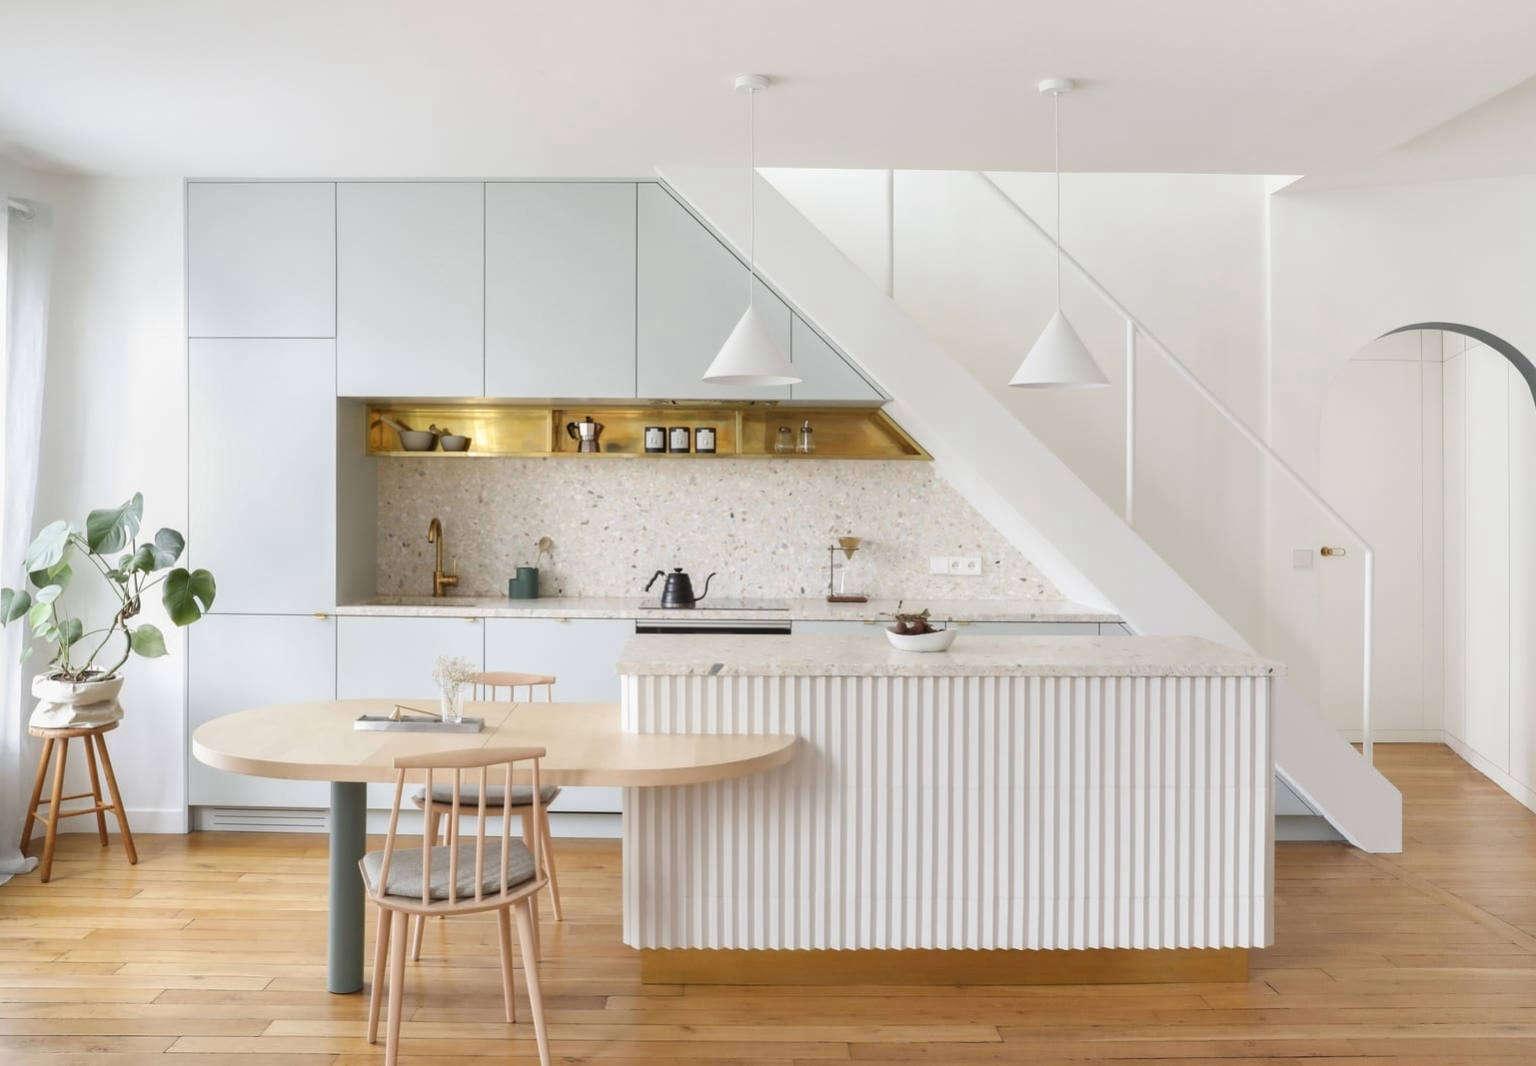 heju architecture appartement bolivar paris 1 1 1536x1066